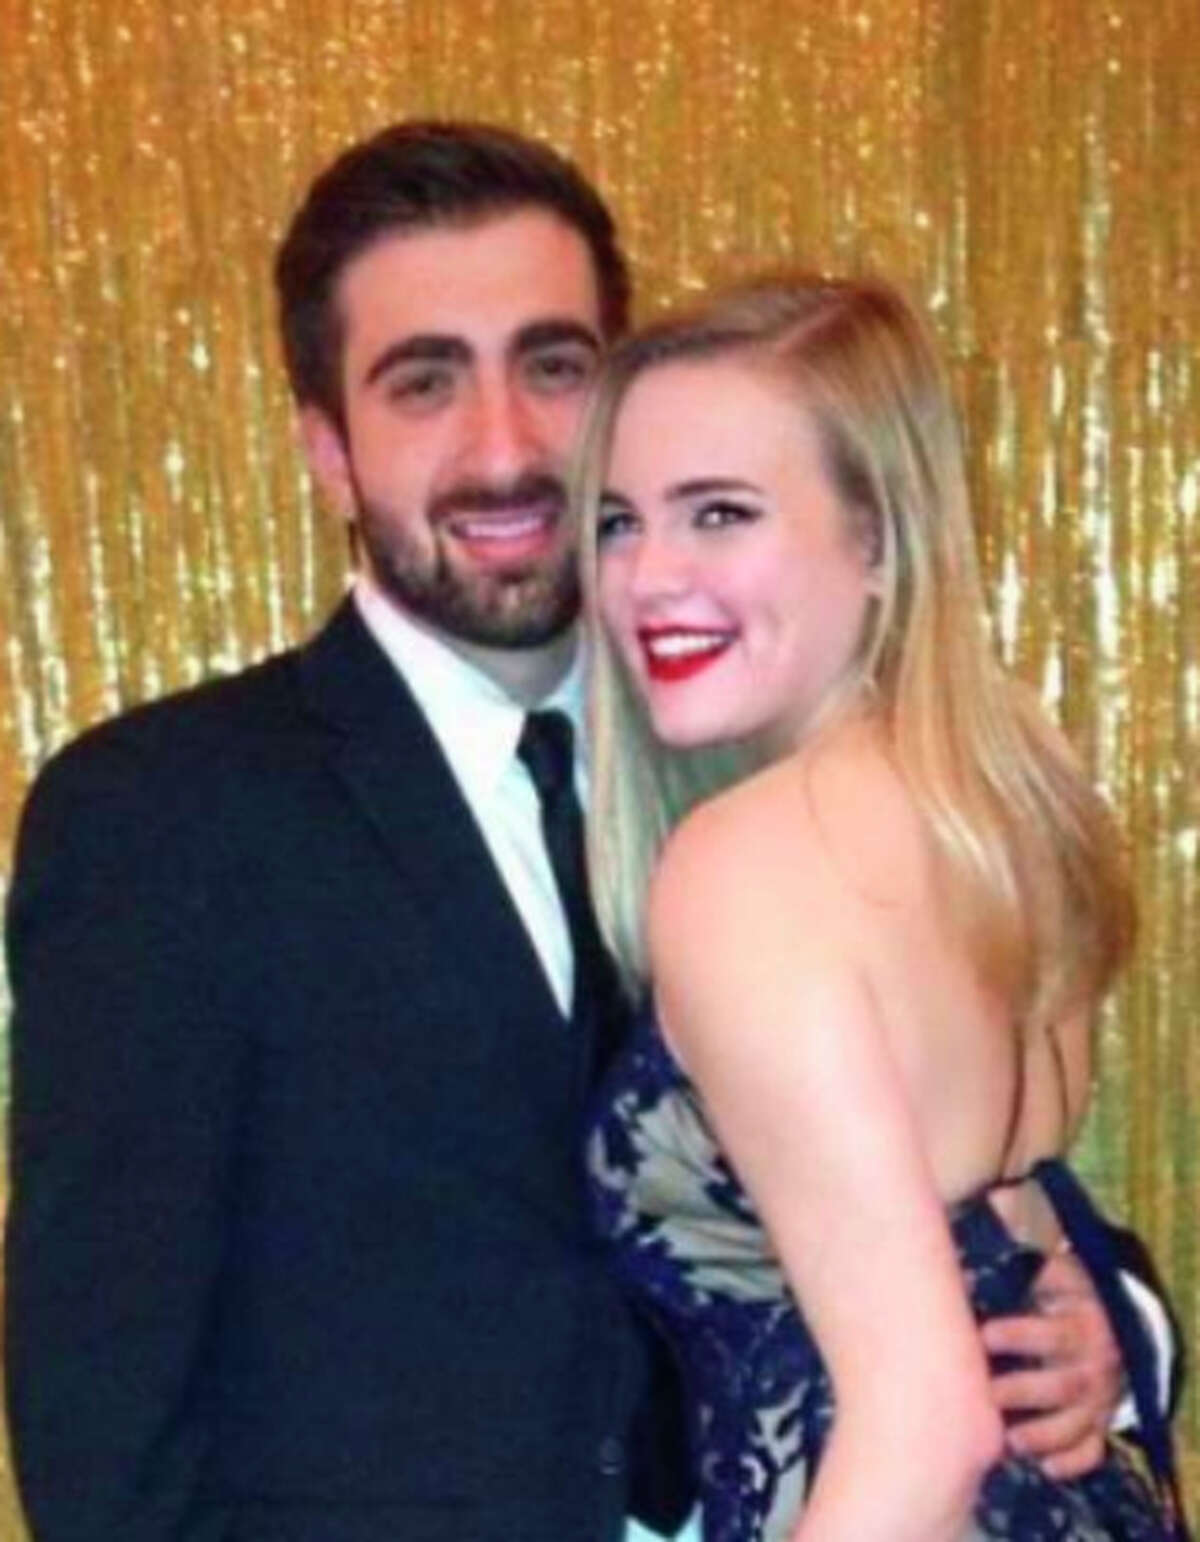 Mark Tartaglio and Corina Burnett were struck by a suspected drunken driver while walking on campus.